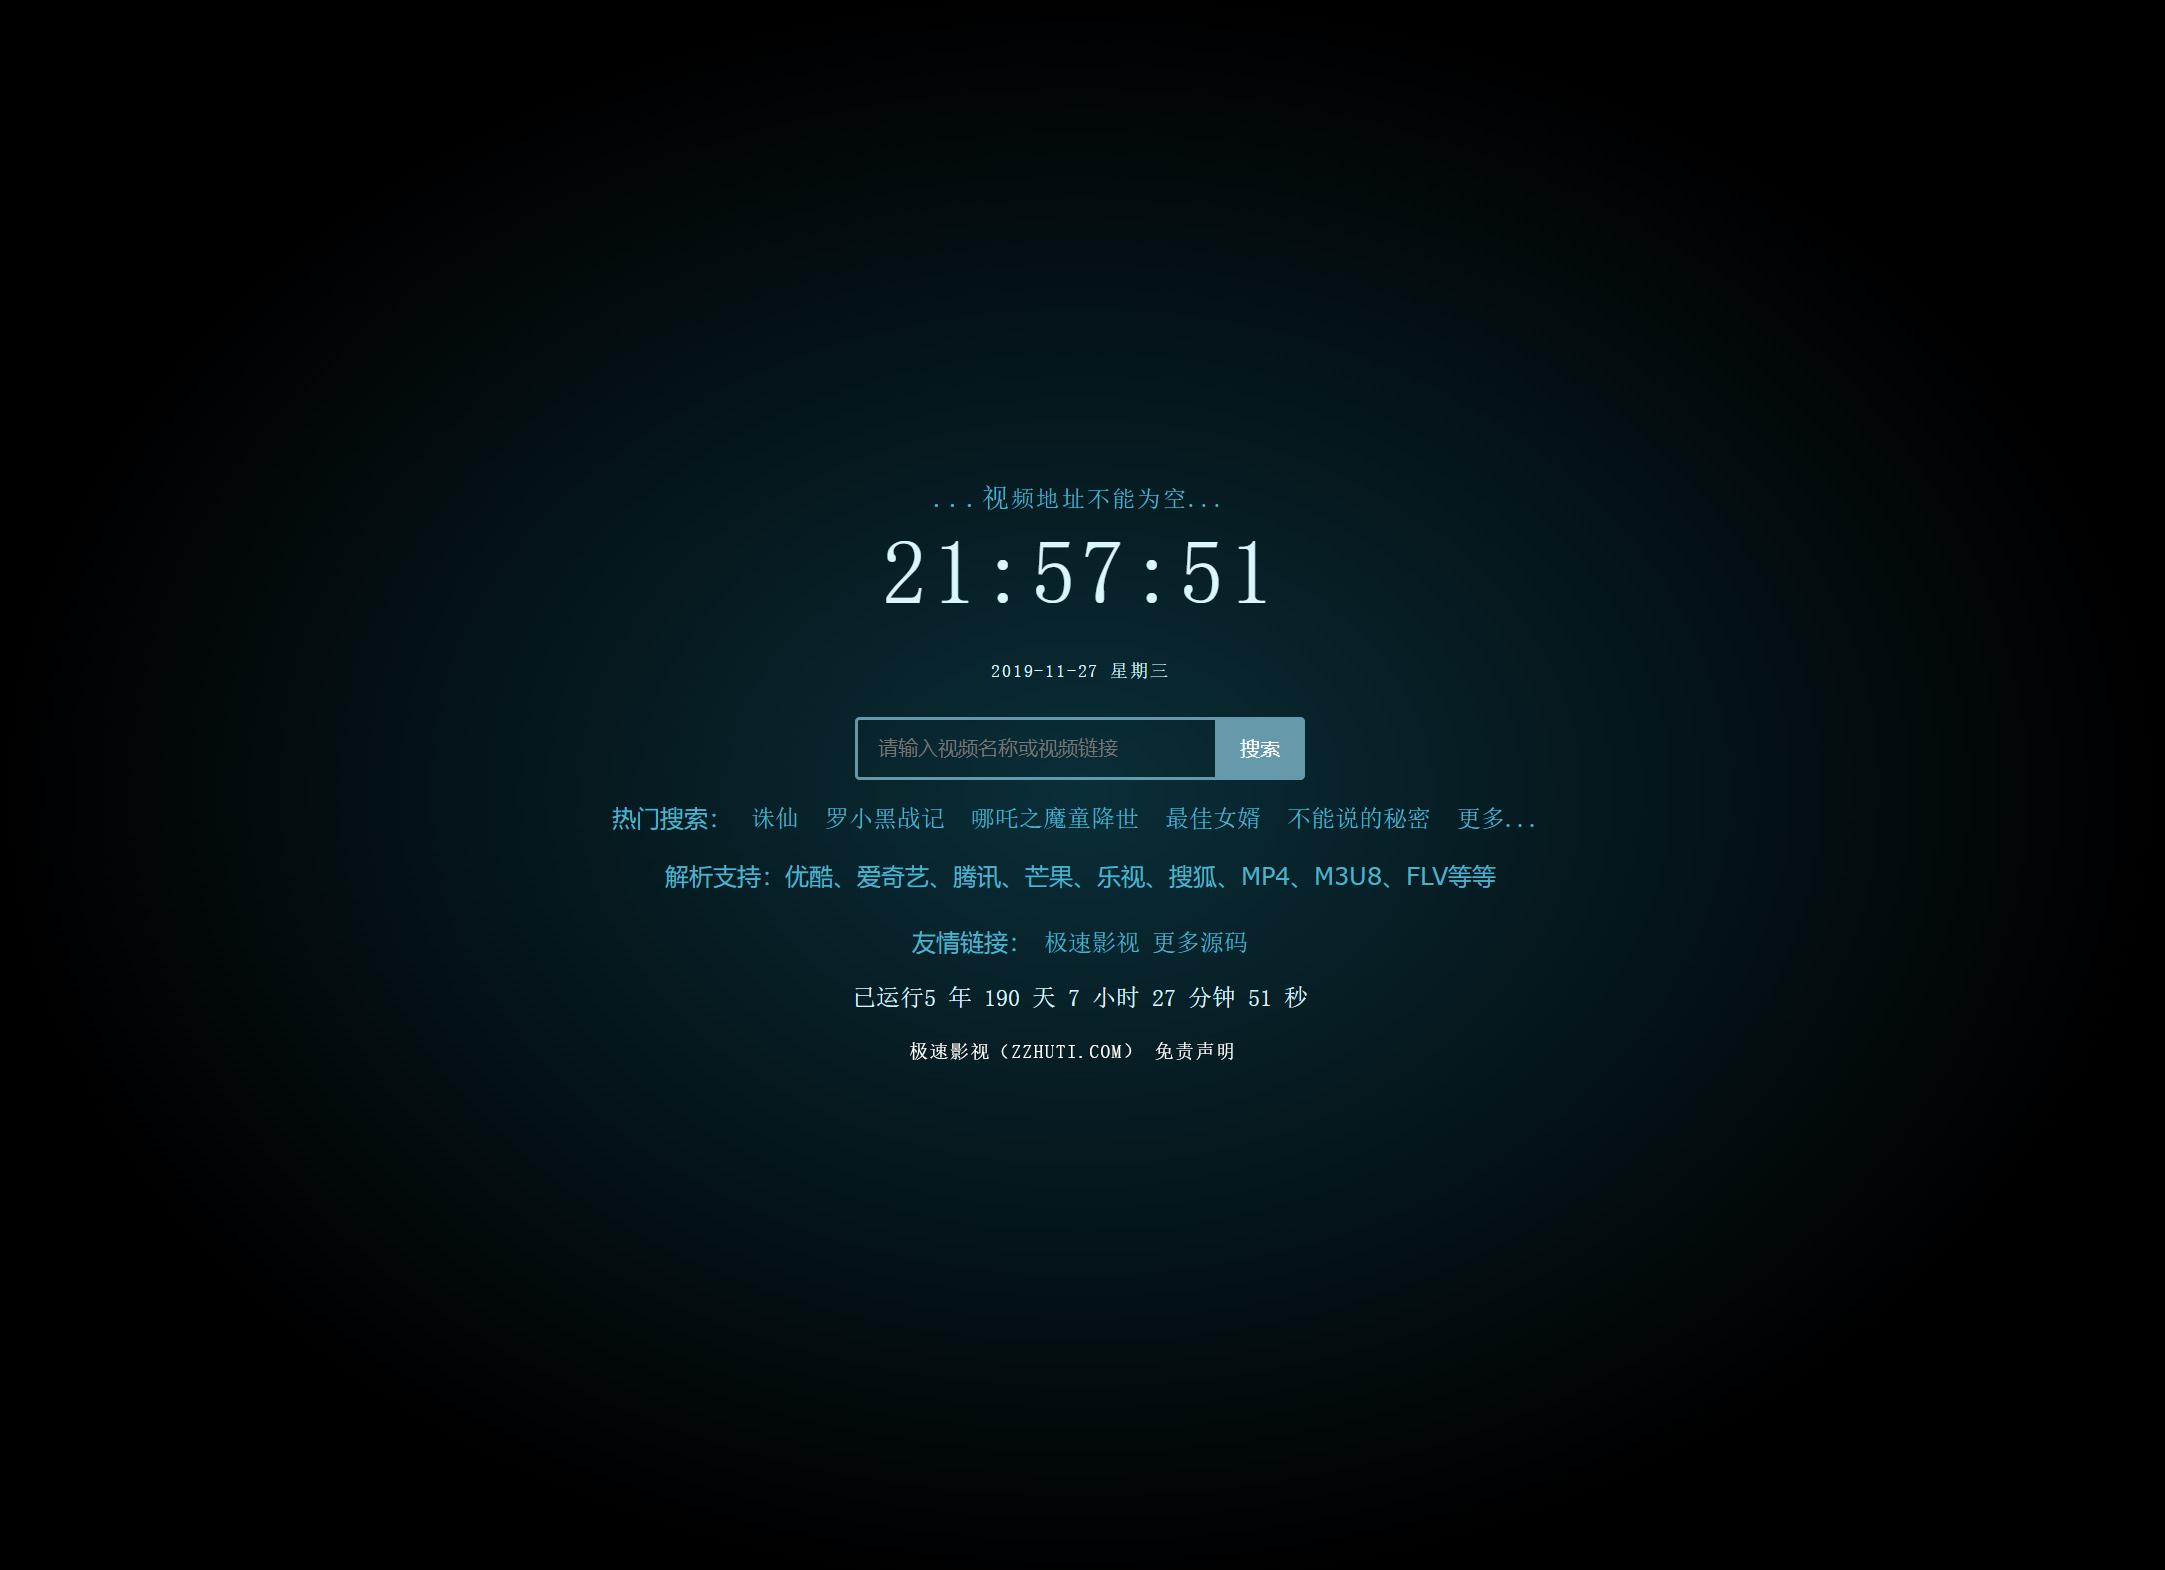 【影视解析API接口XyplayerX3.91】  PHP开发的一款智能二次解析源码! [仅可用于测试]-蓝汇源码